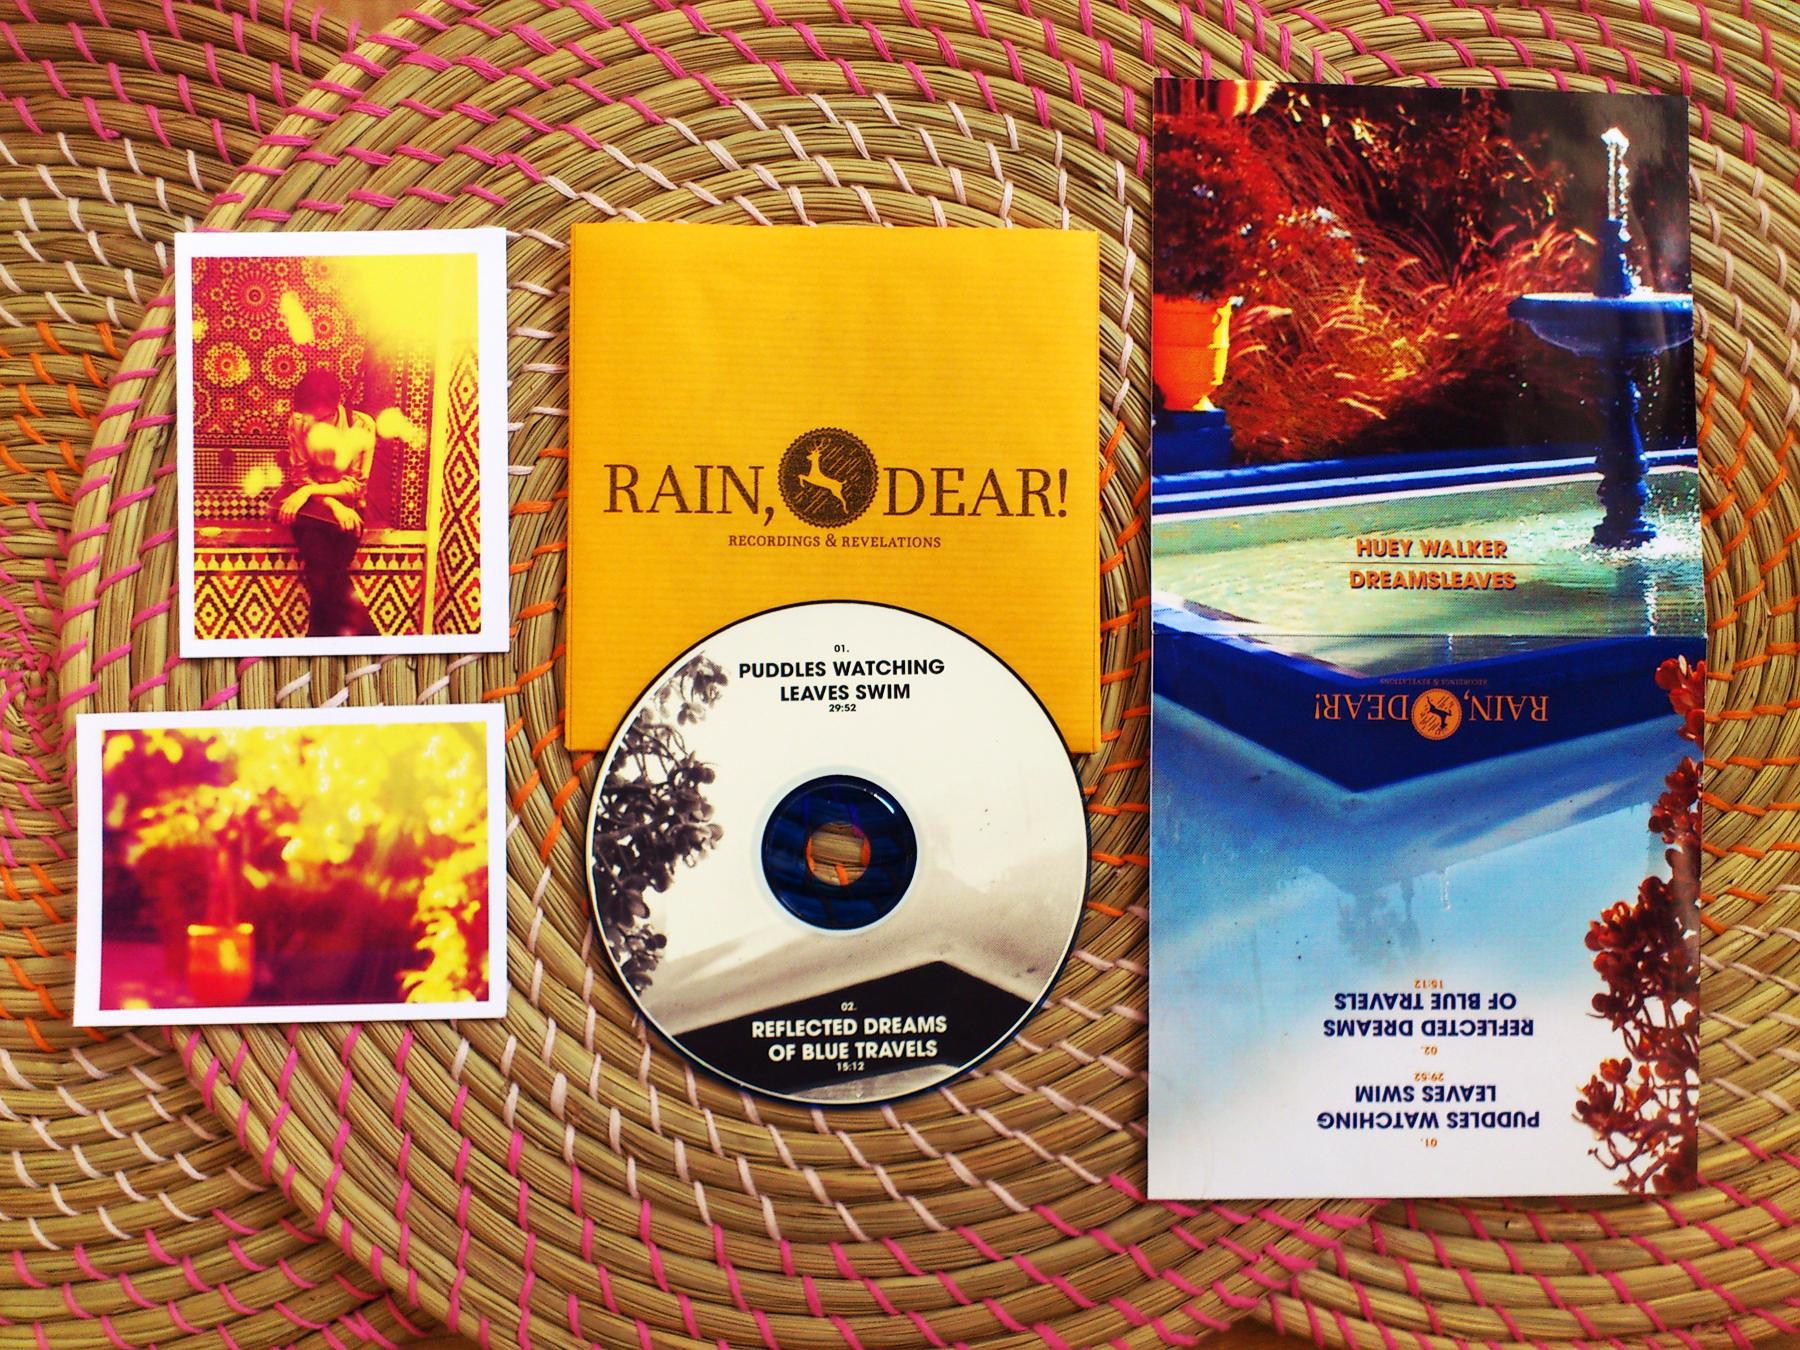 """Huey Walker - """"Dreamsleaves"""" (RDRR009)"""